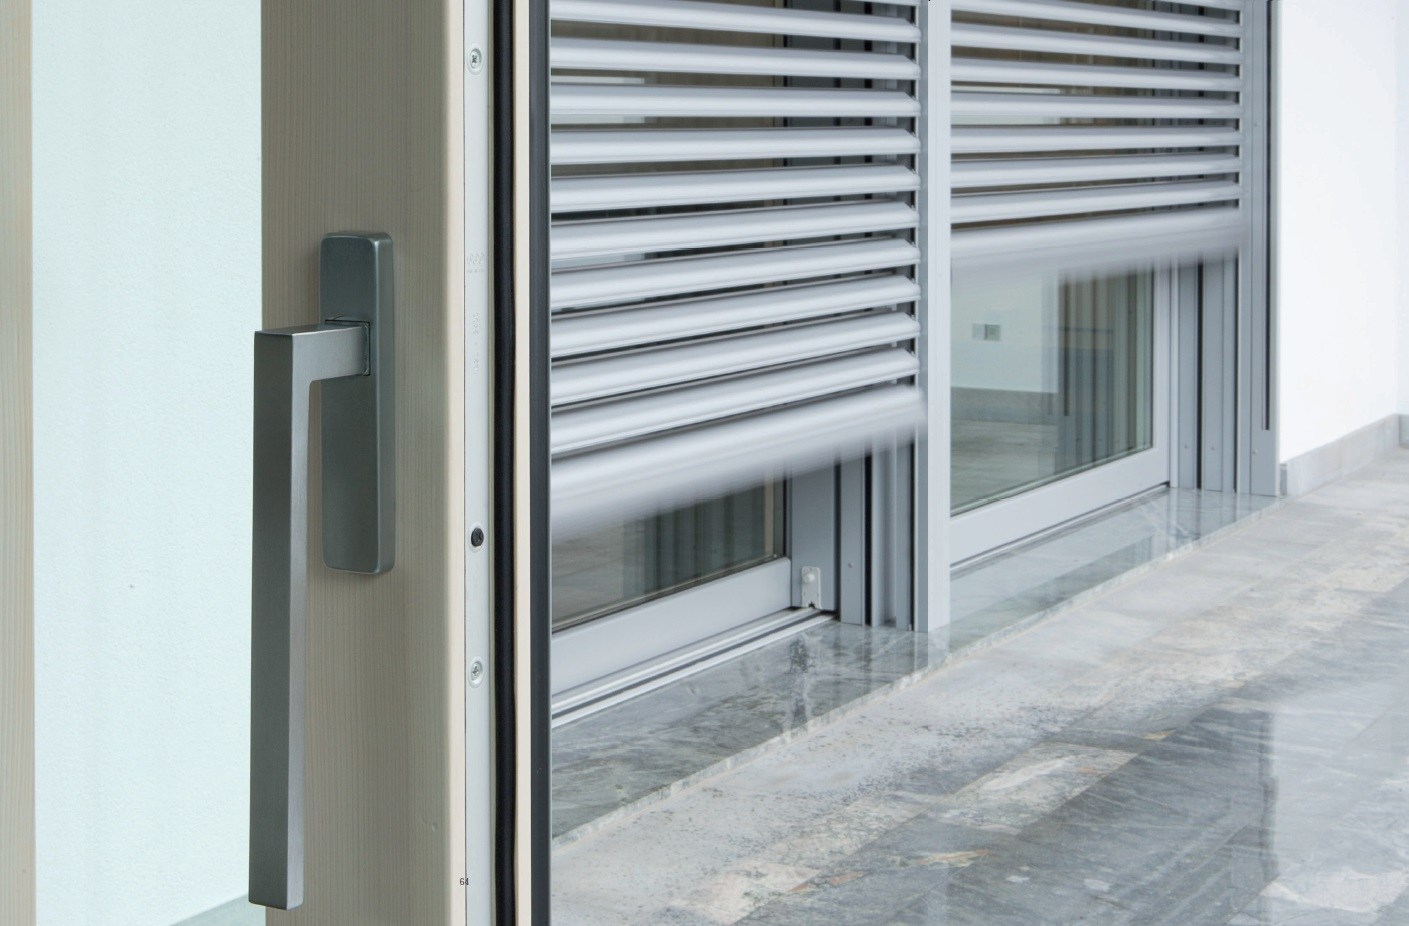 Frangisole in alluminio by carminati serramenti - Finestre esterne in alluminio ...